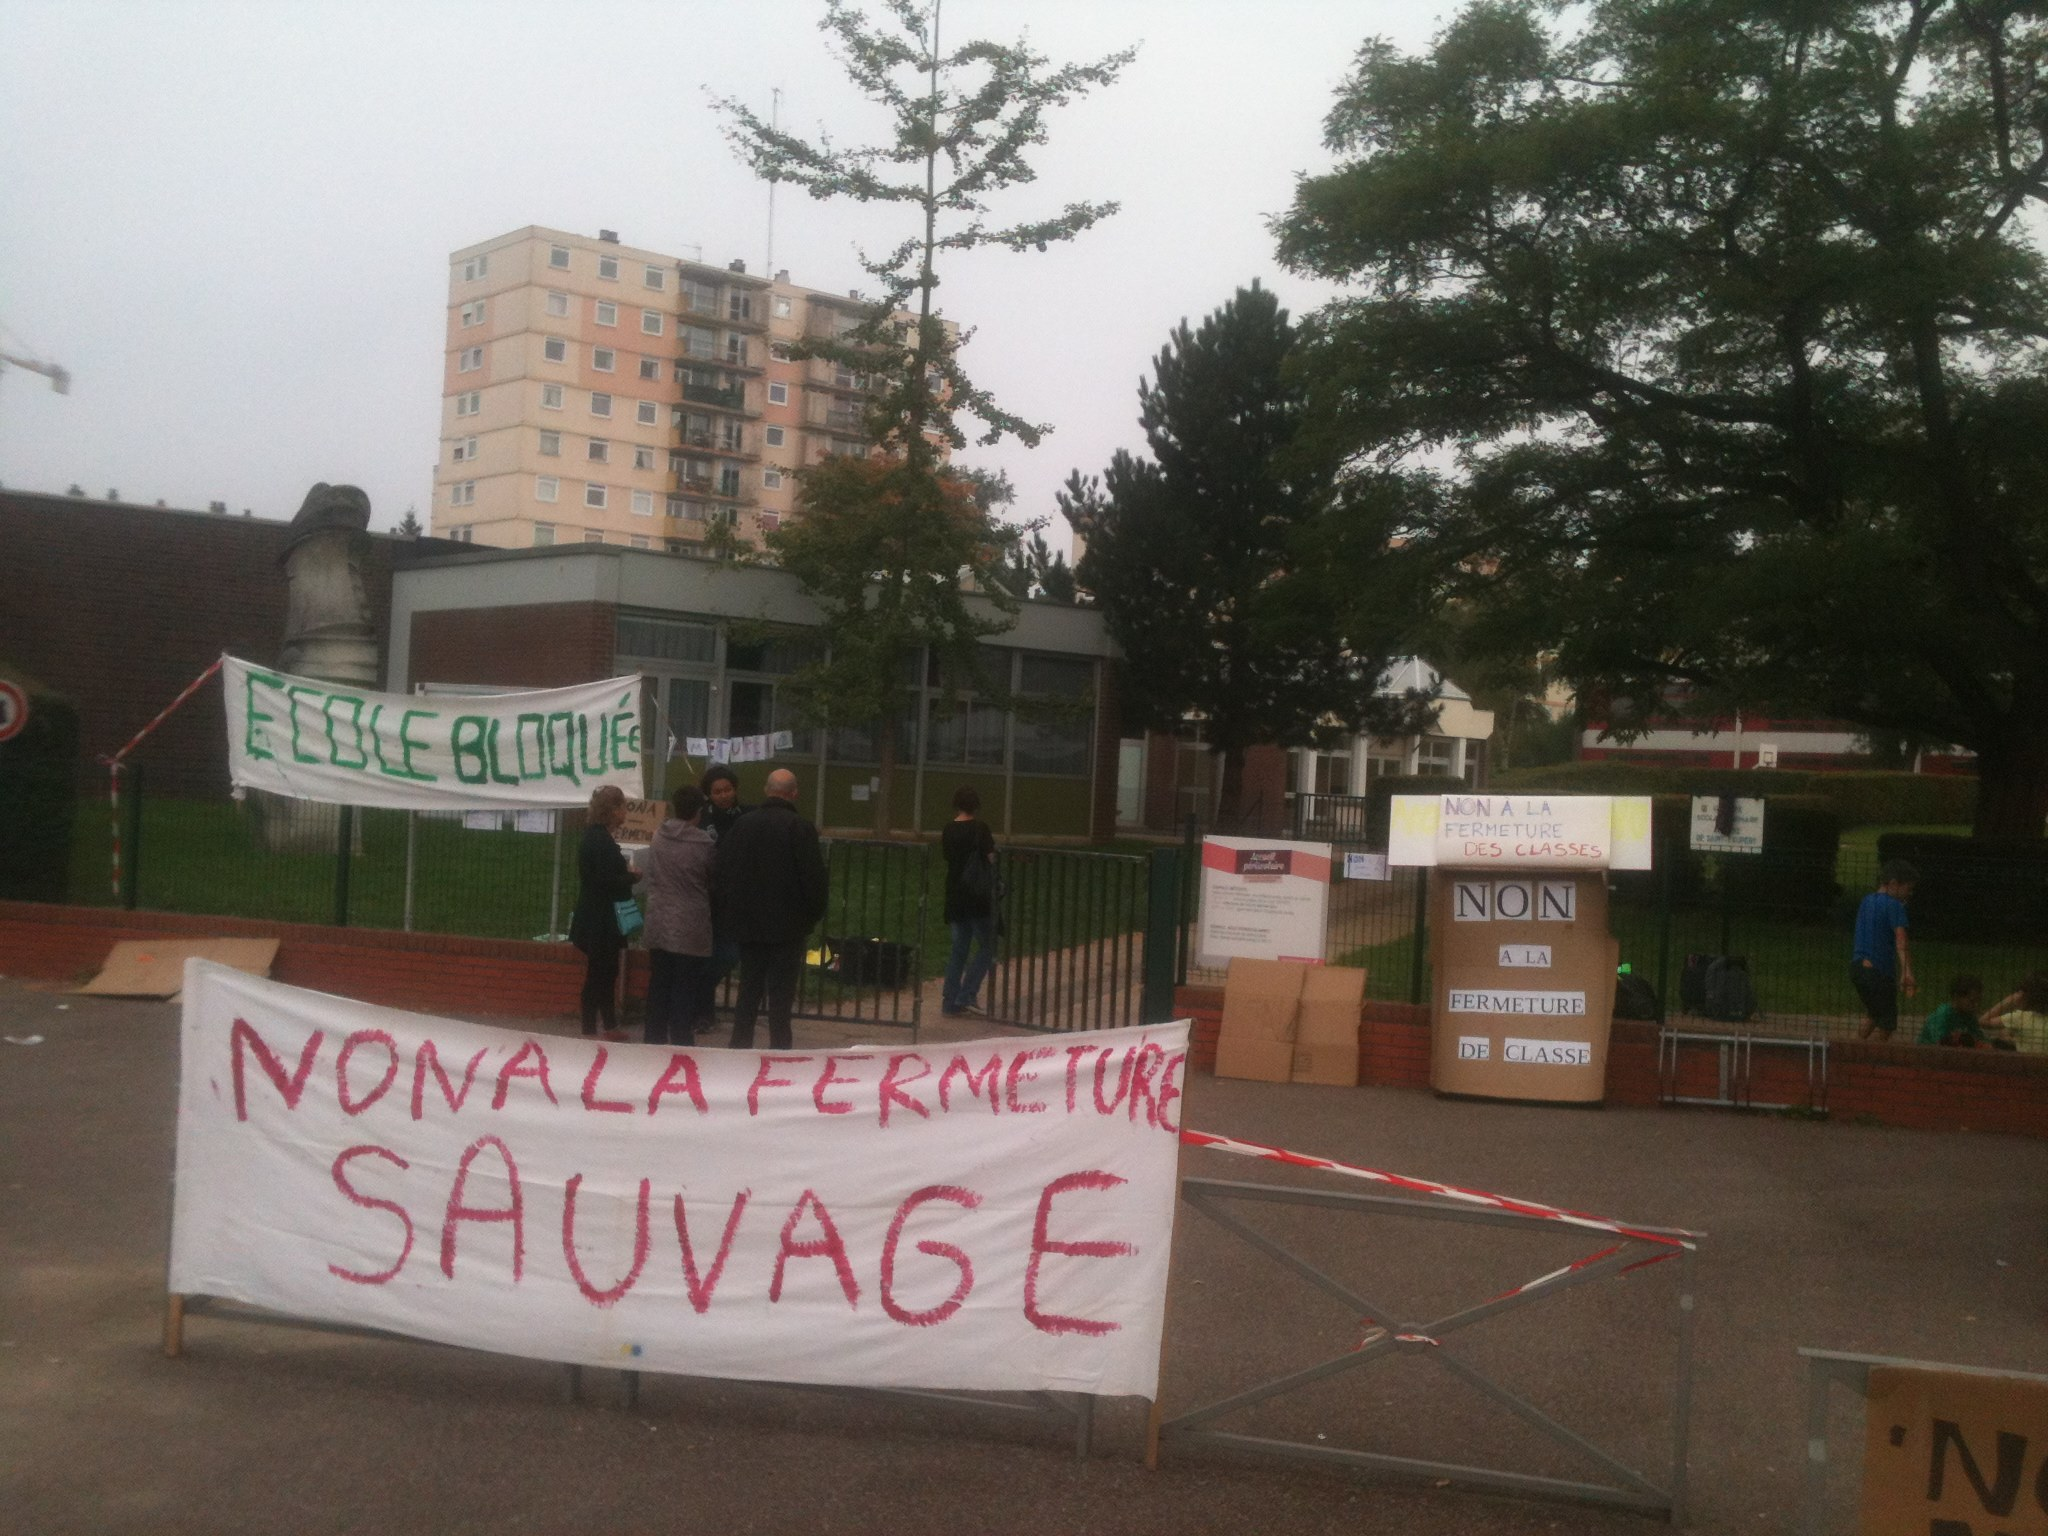 L'école Saint-Exupéry restera fermée ce lundi matin. Les parents sont déterminés à obtenir la éouverture de la classe supprimée (Photo Facebook)